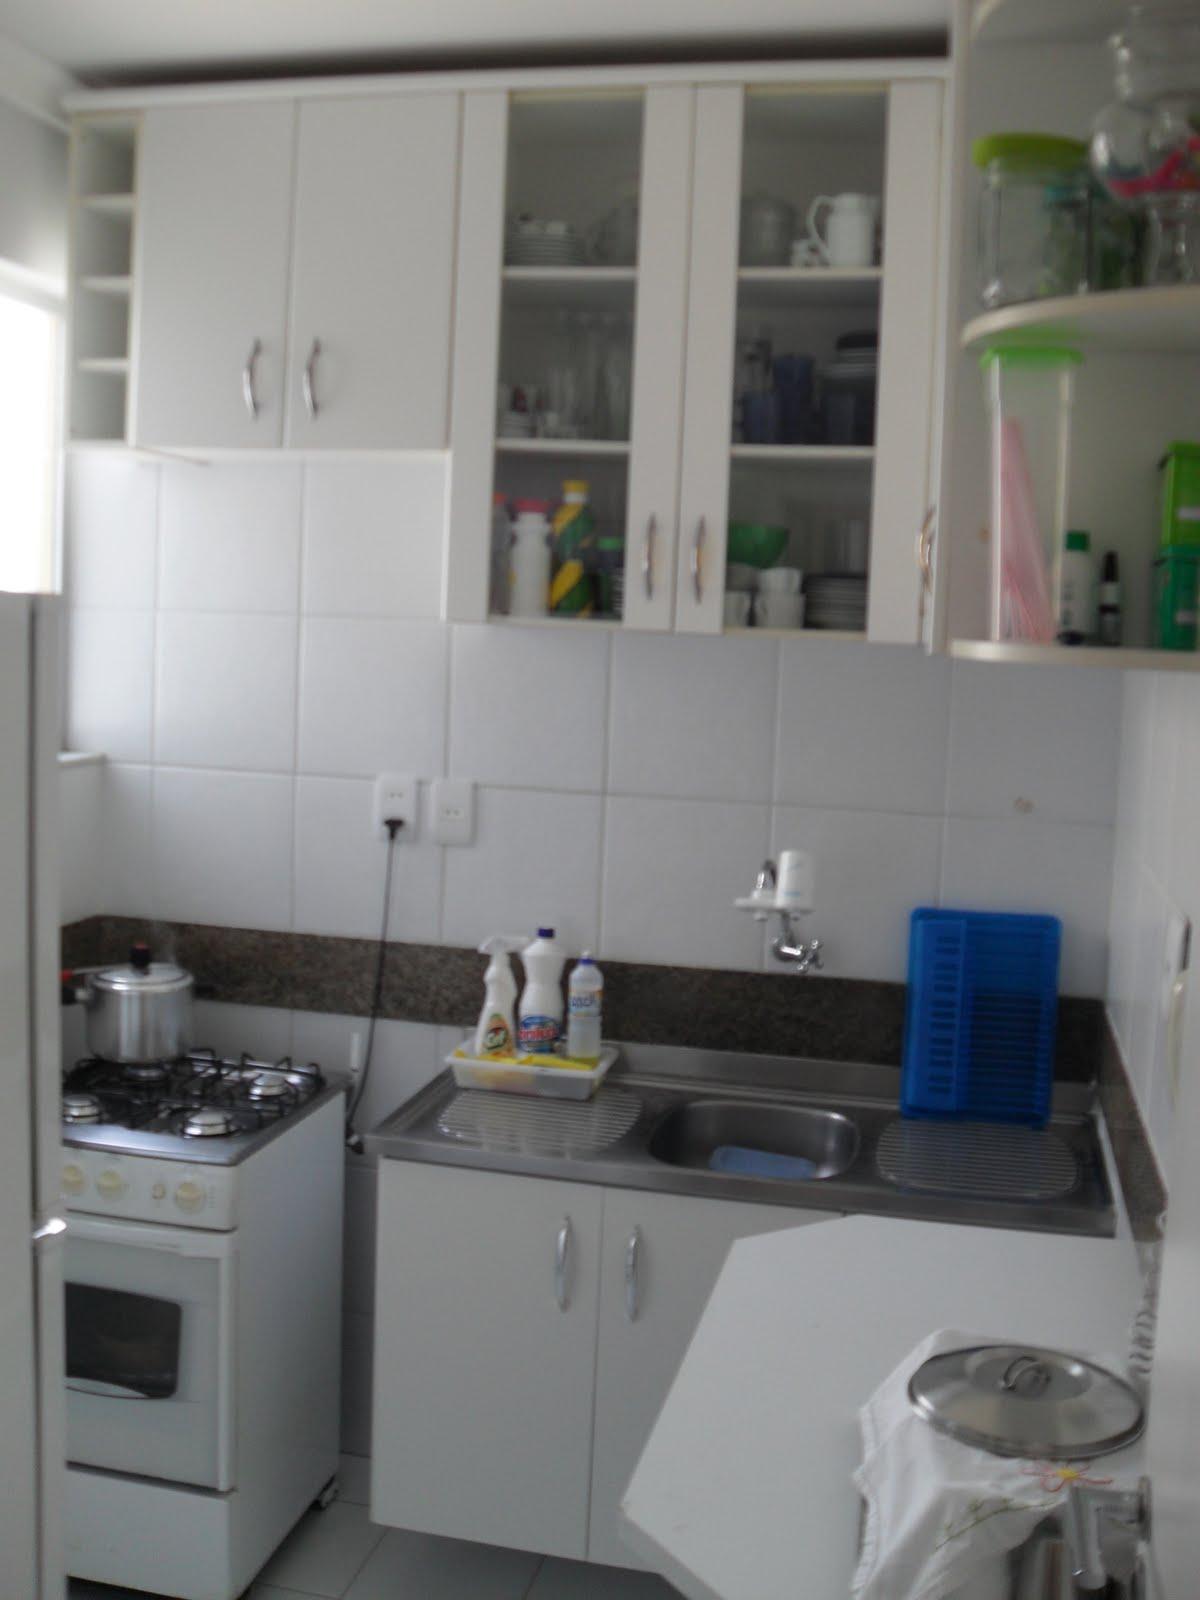 Imagens de #203B61 apartamento de 2 4 totais sala cozinha e area de serviço 02  1200x1600 px 3482 Blindex Para Banheiro Salvador Bahia